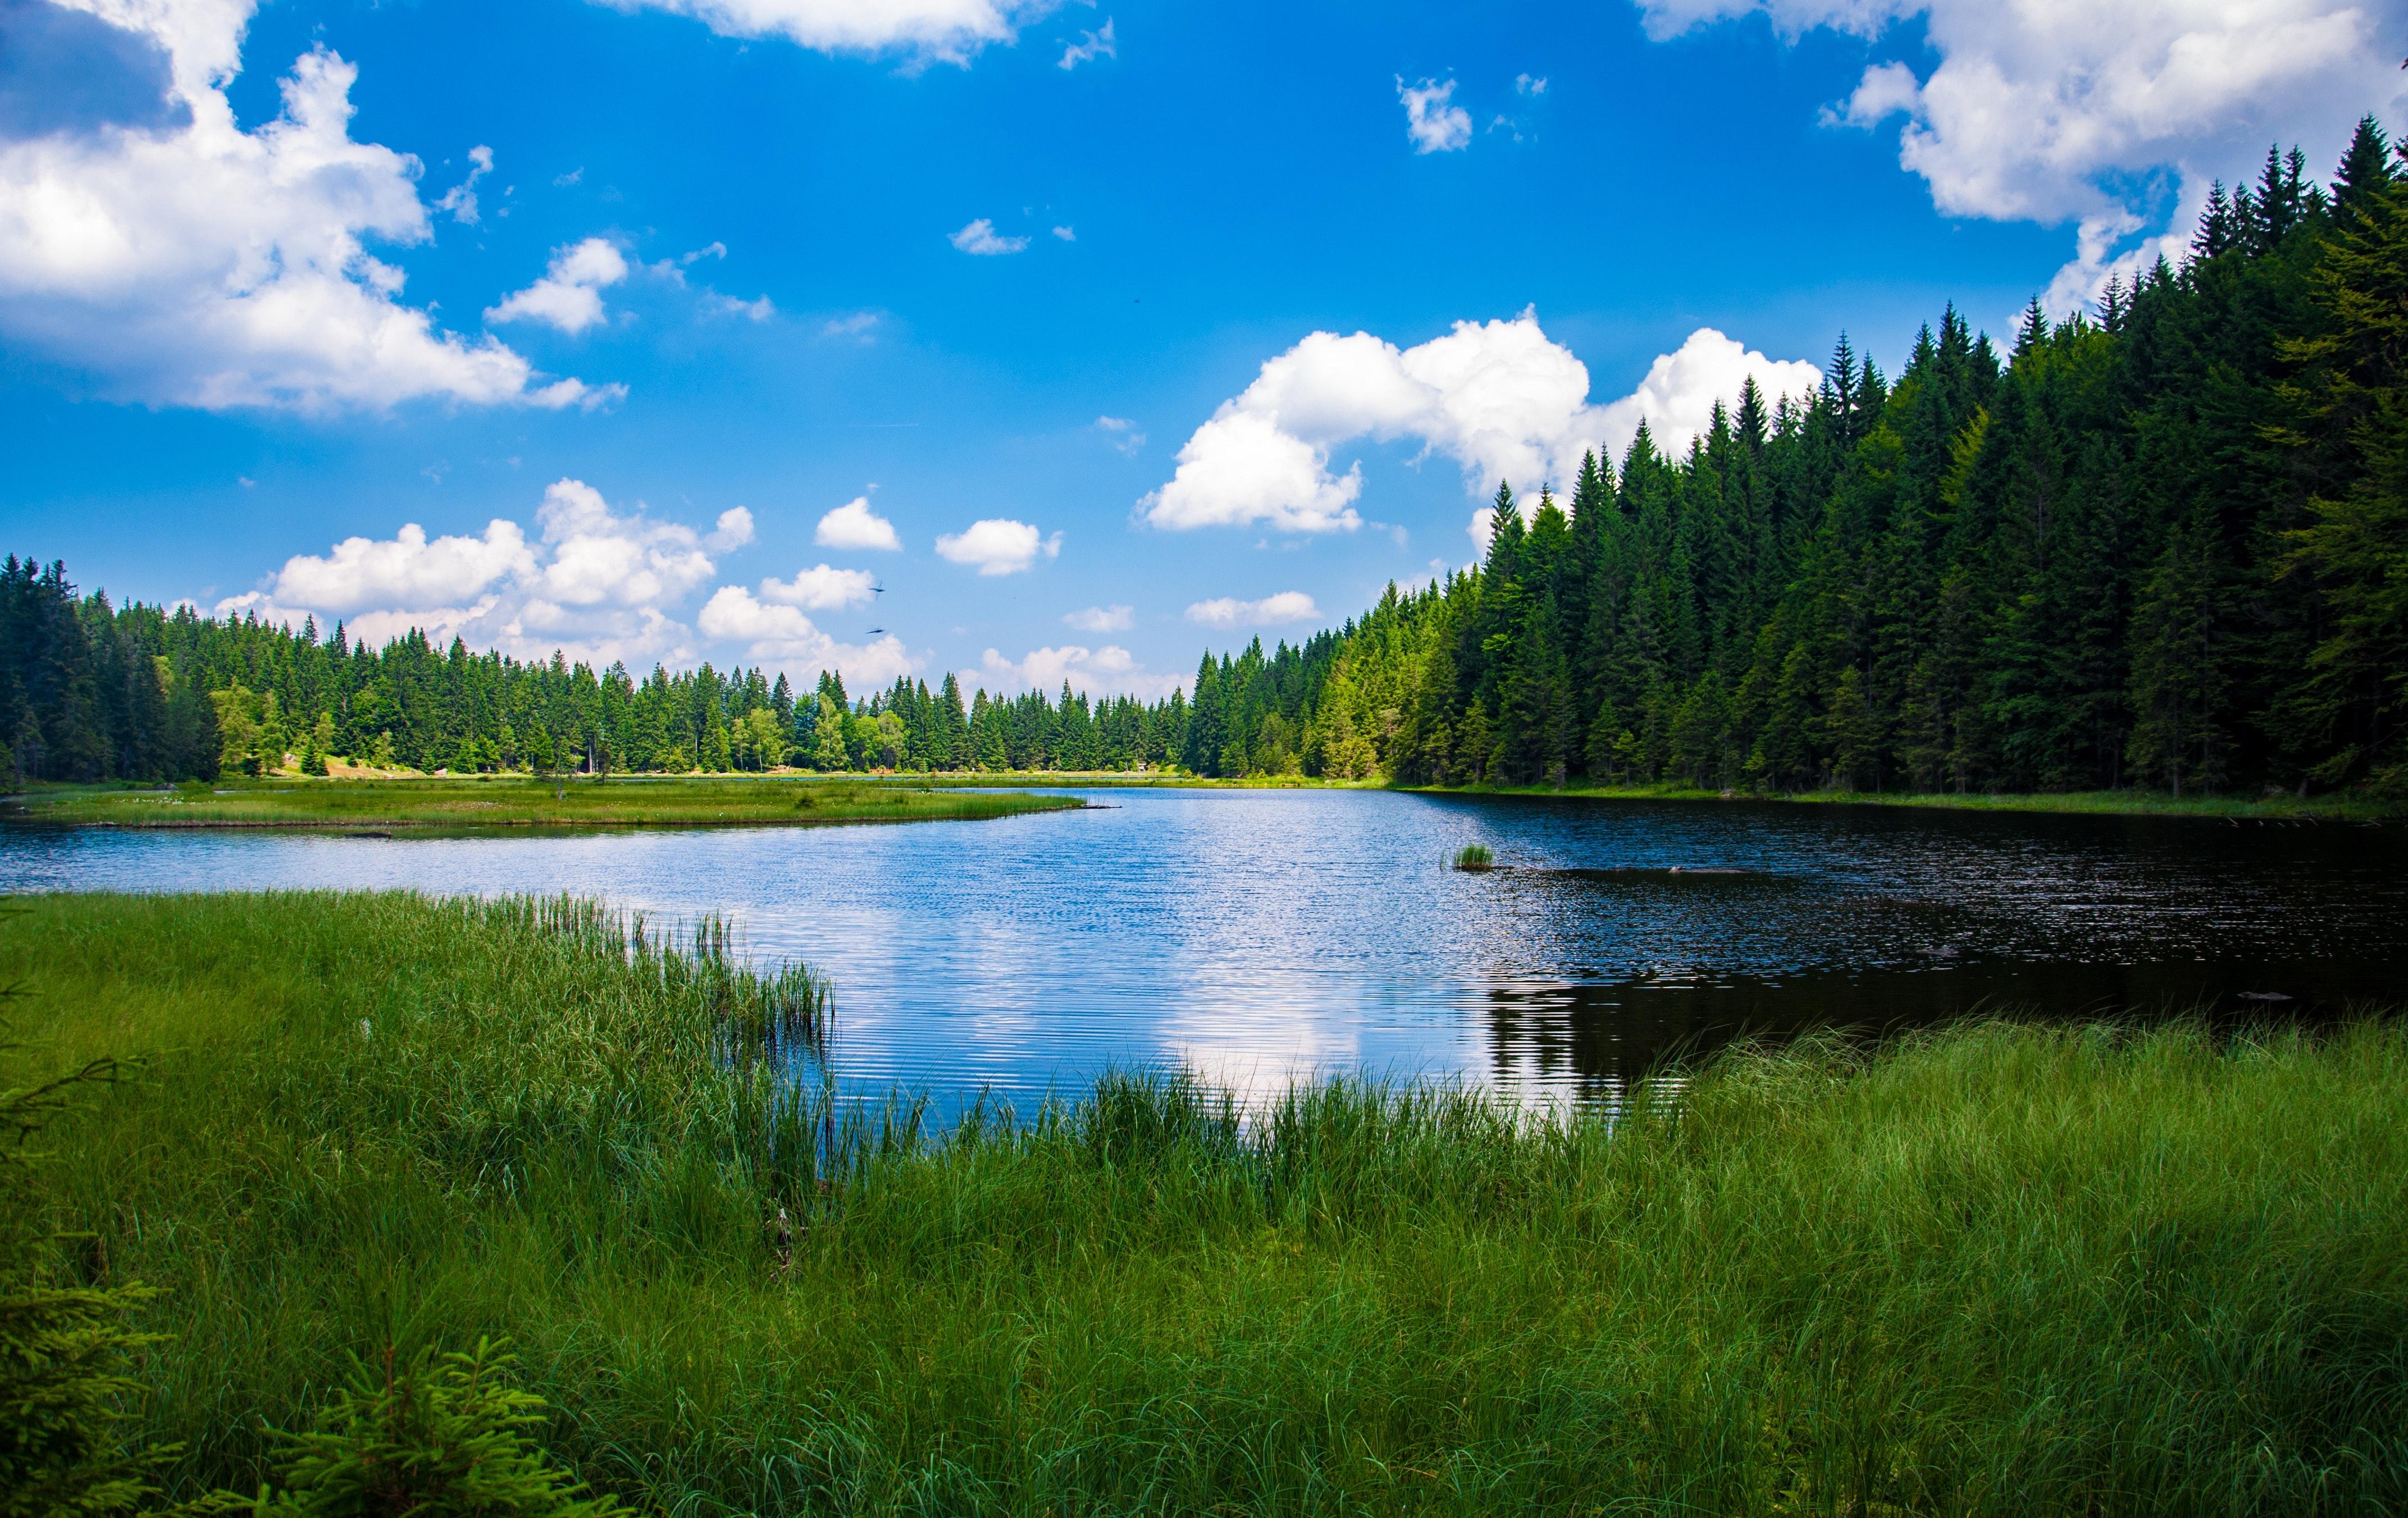 山口県の海・湖・小川が楽しめる無料キャンプ場おすすめ5選